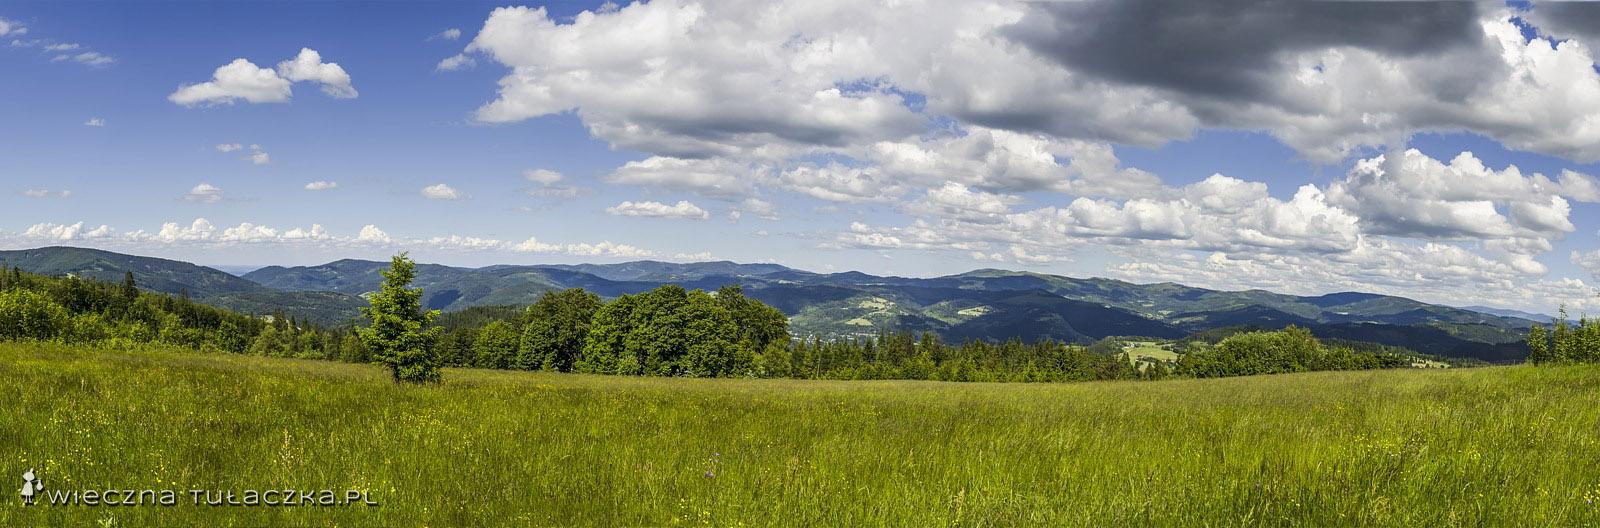 Panorama z Cieślara na Beskid Śląski